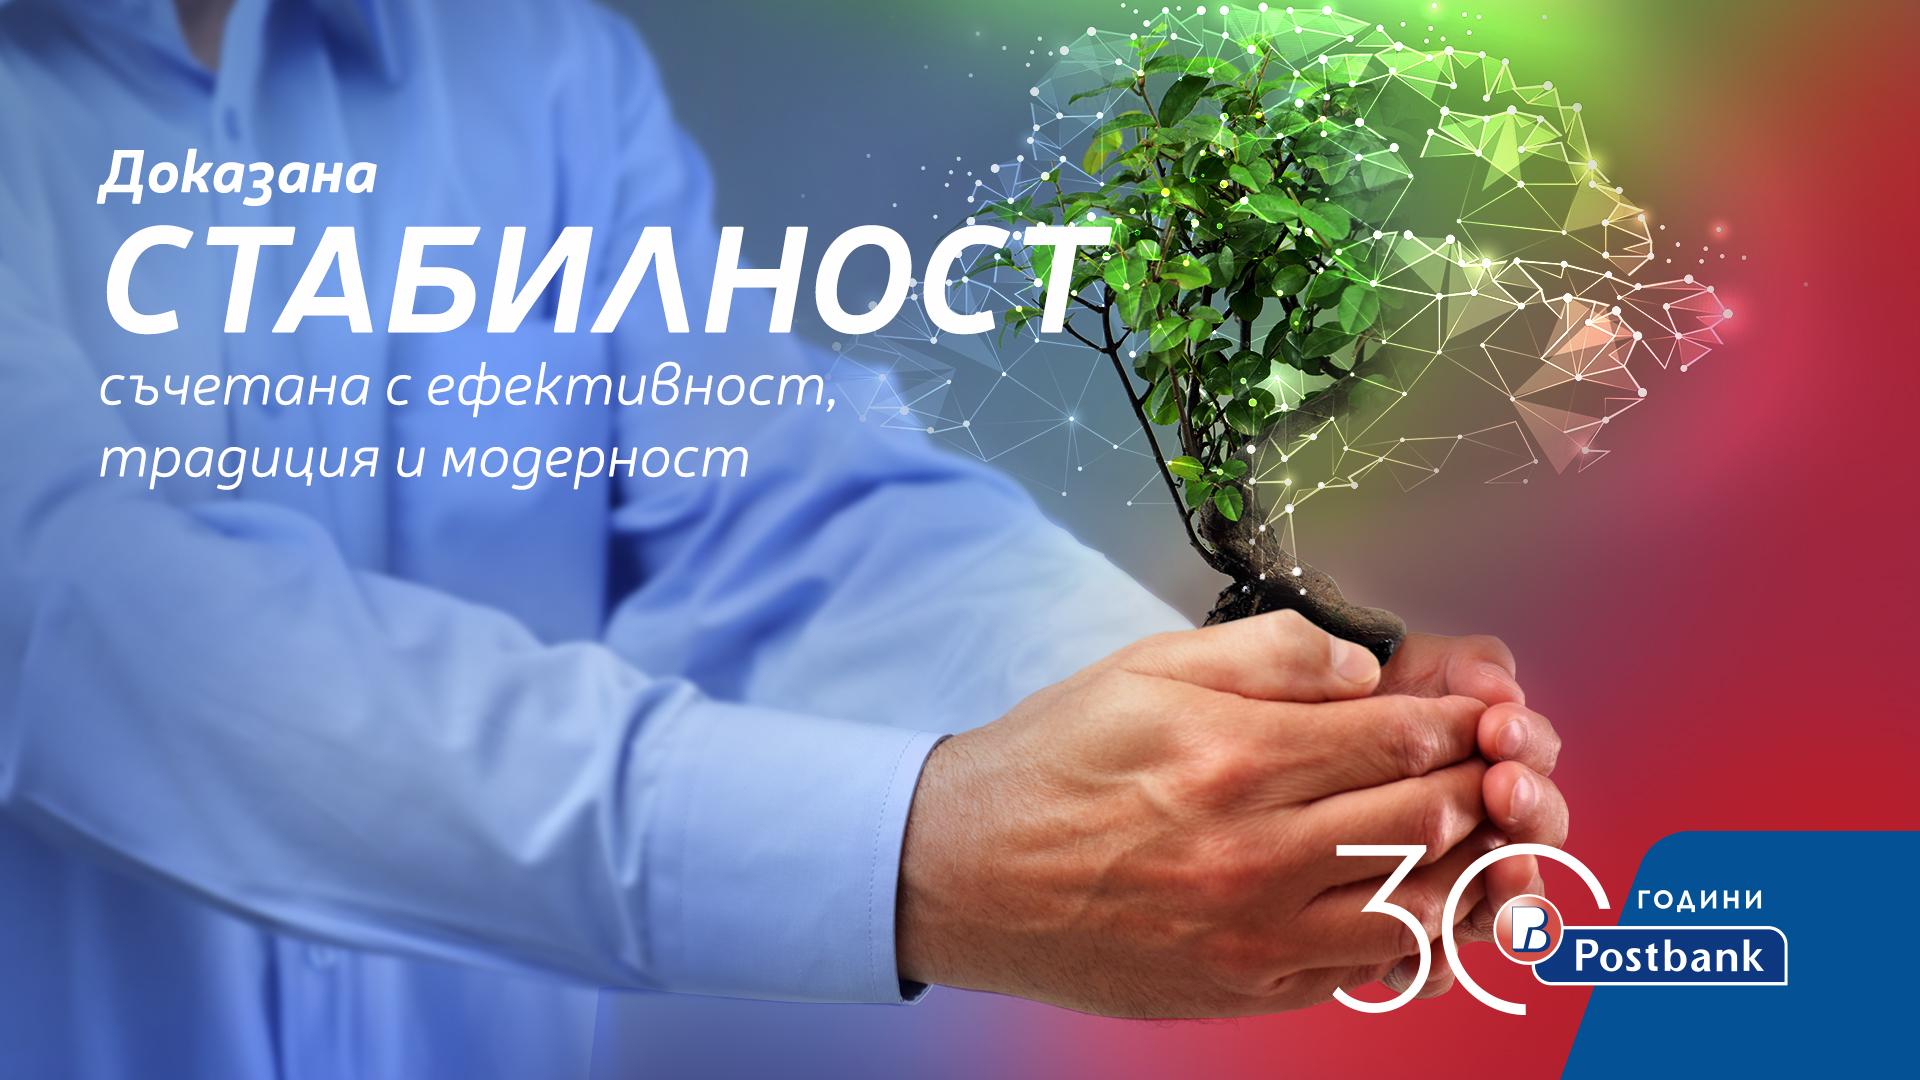 Company image 613b4d3530e96_2021_PB_EVP_KV03_1920x1080px_20210528.jpg